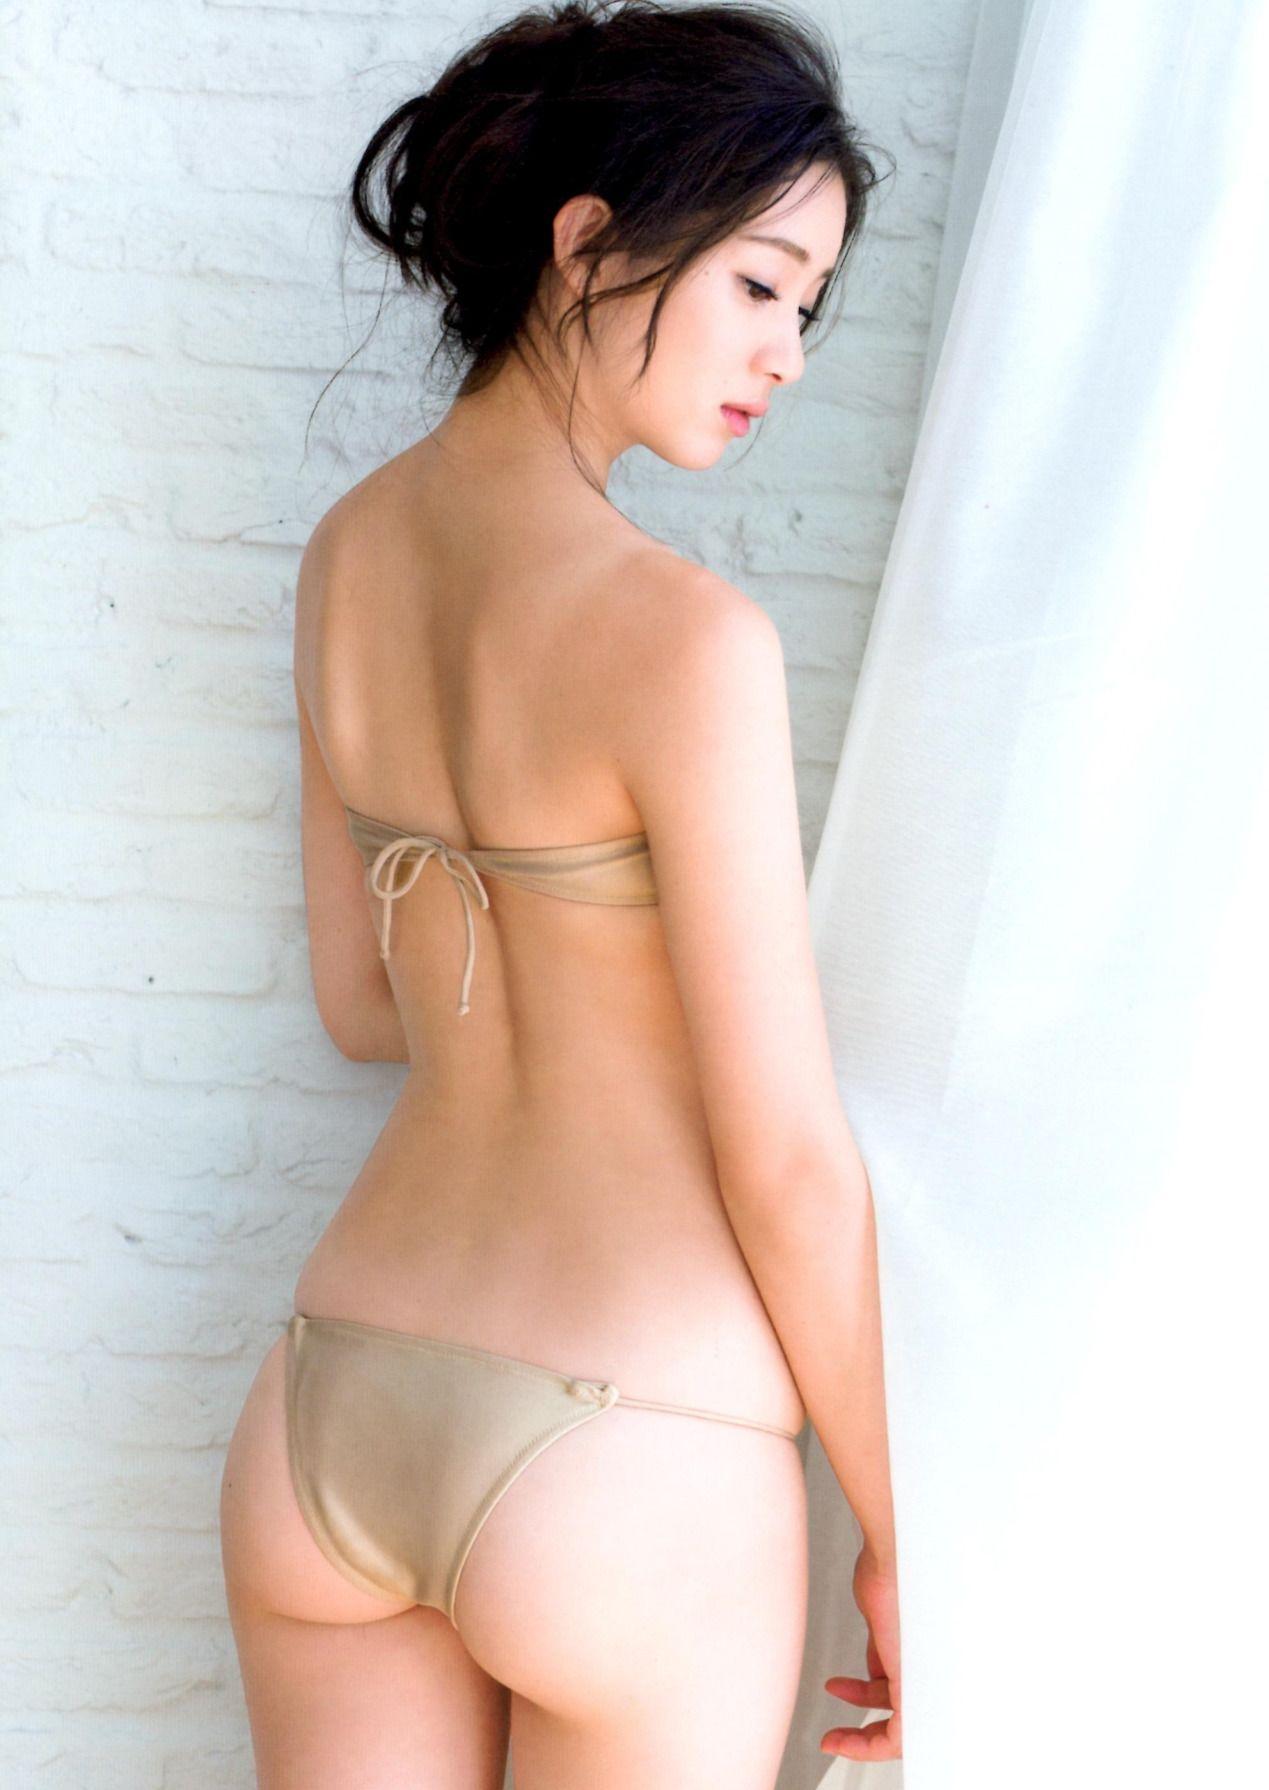 足立梨花(24)の最新セクシー下着姿&水着姿のエロ画像63枚・56枚目の画像